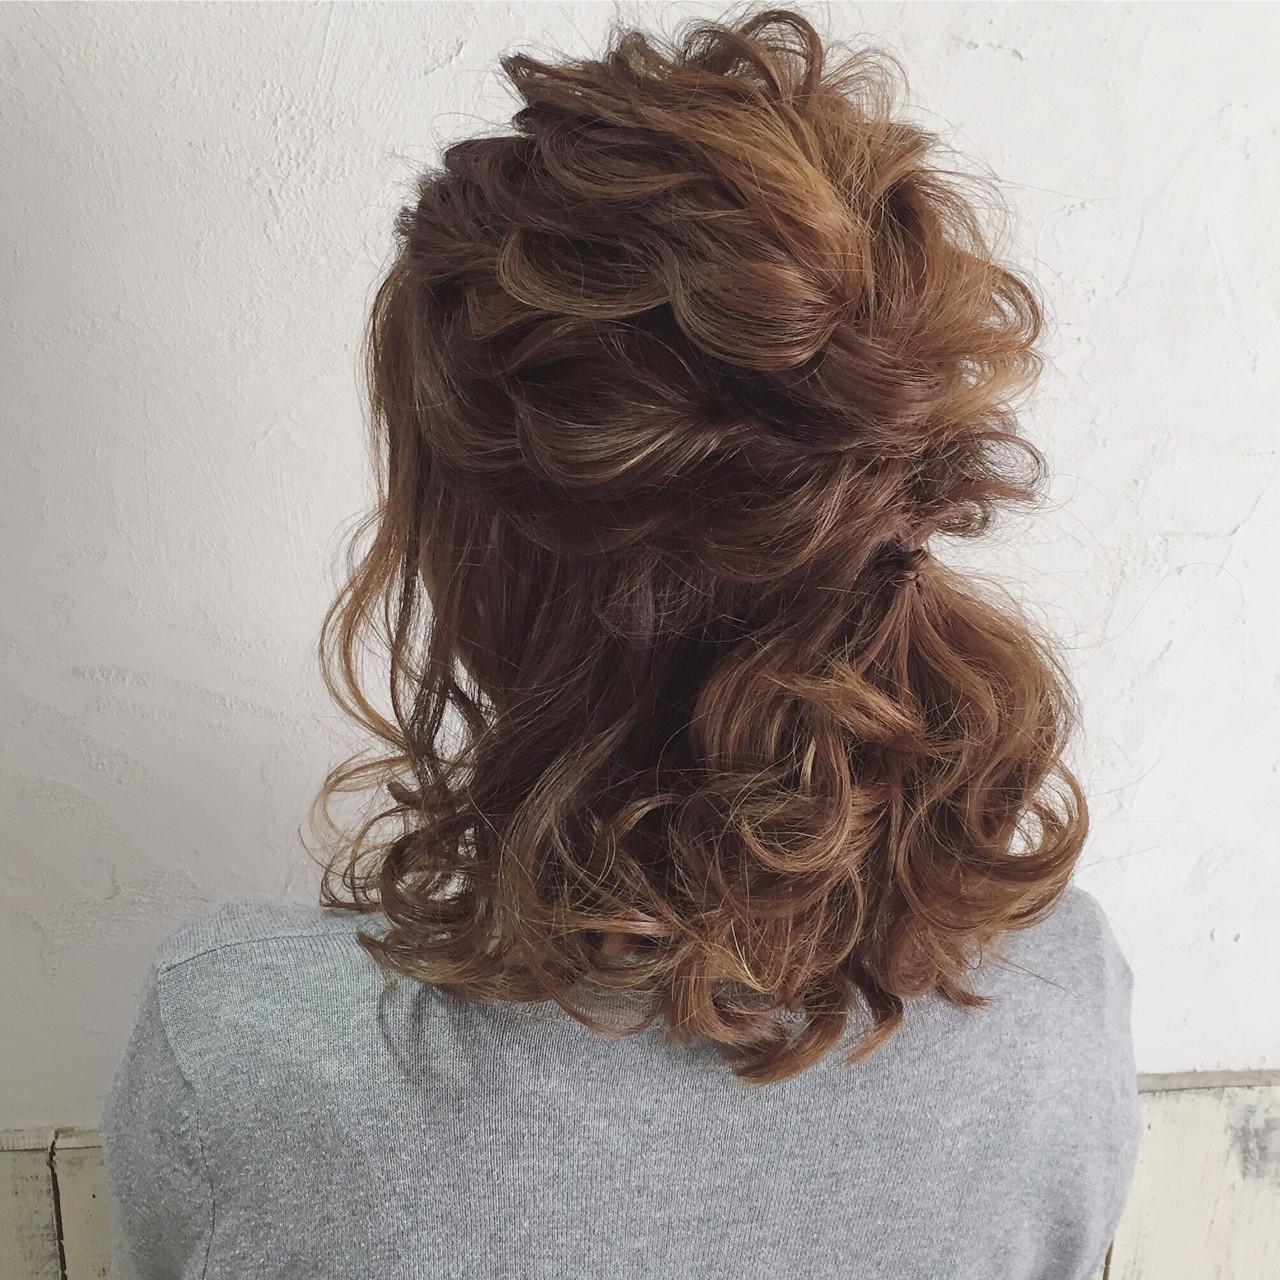 結婚式 ハーフアップ ゆるふわ 3Dカラー ヘアスタイルや髪型の写真・画像